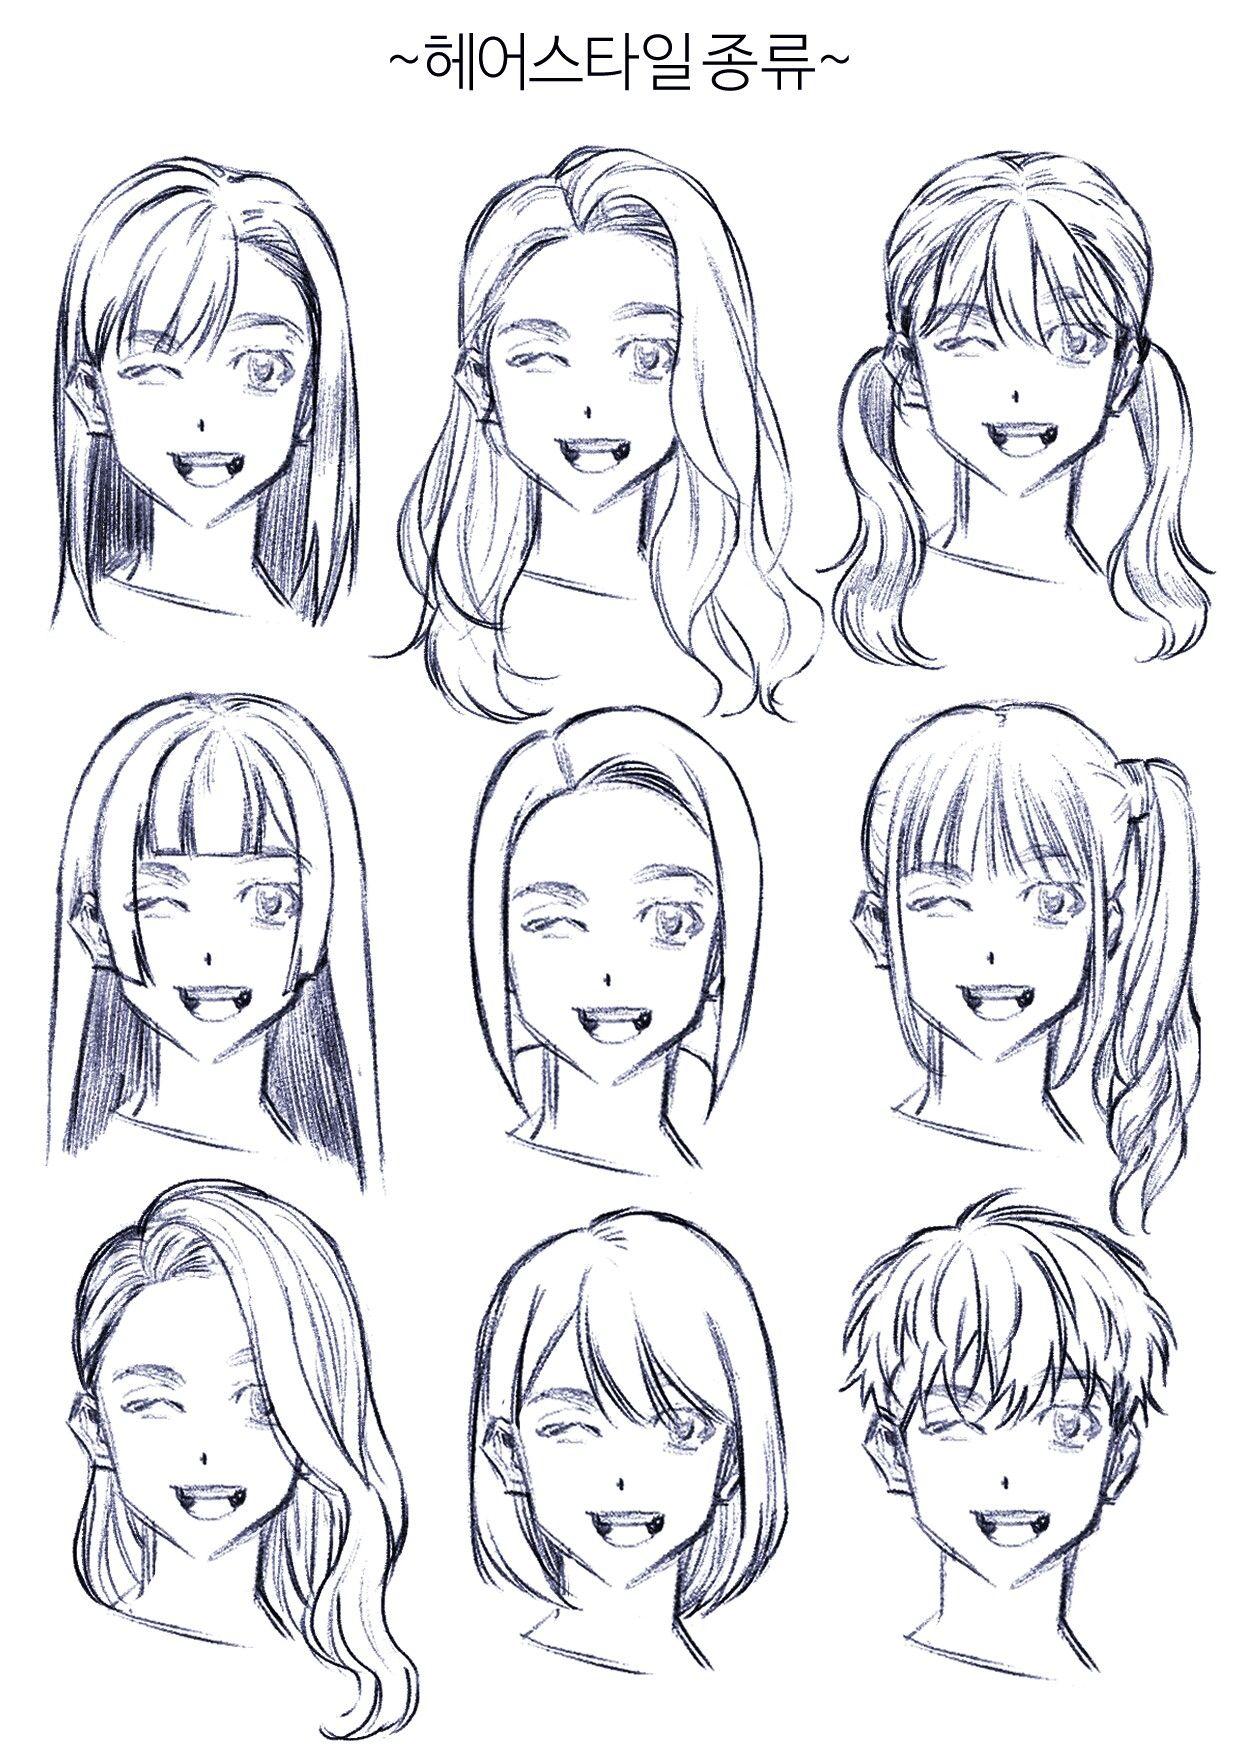 Pin Di Redloppy Su Anime Manga Tutorial Nel 2020 Come Disegnare I Capelli Disegno Dei Capelli Capelli Manga